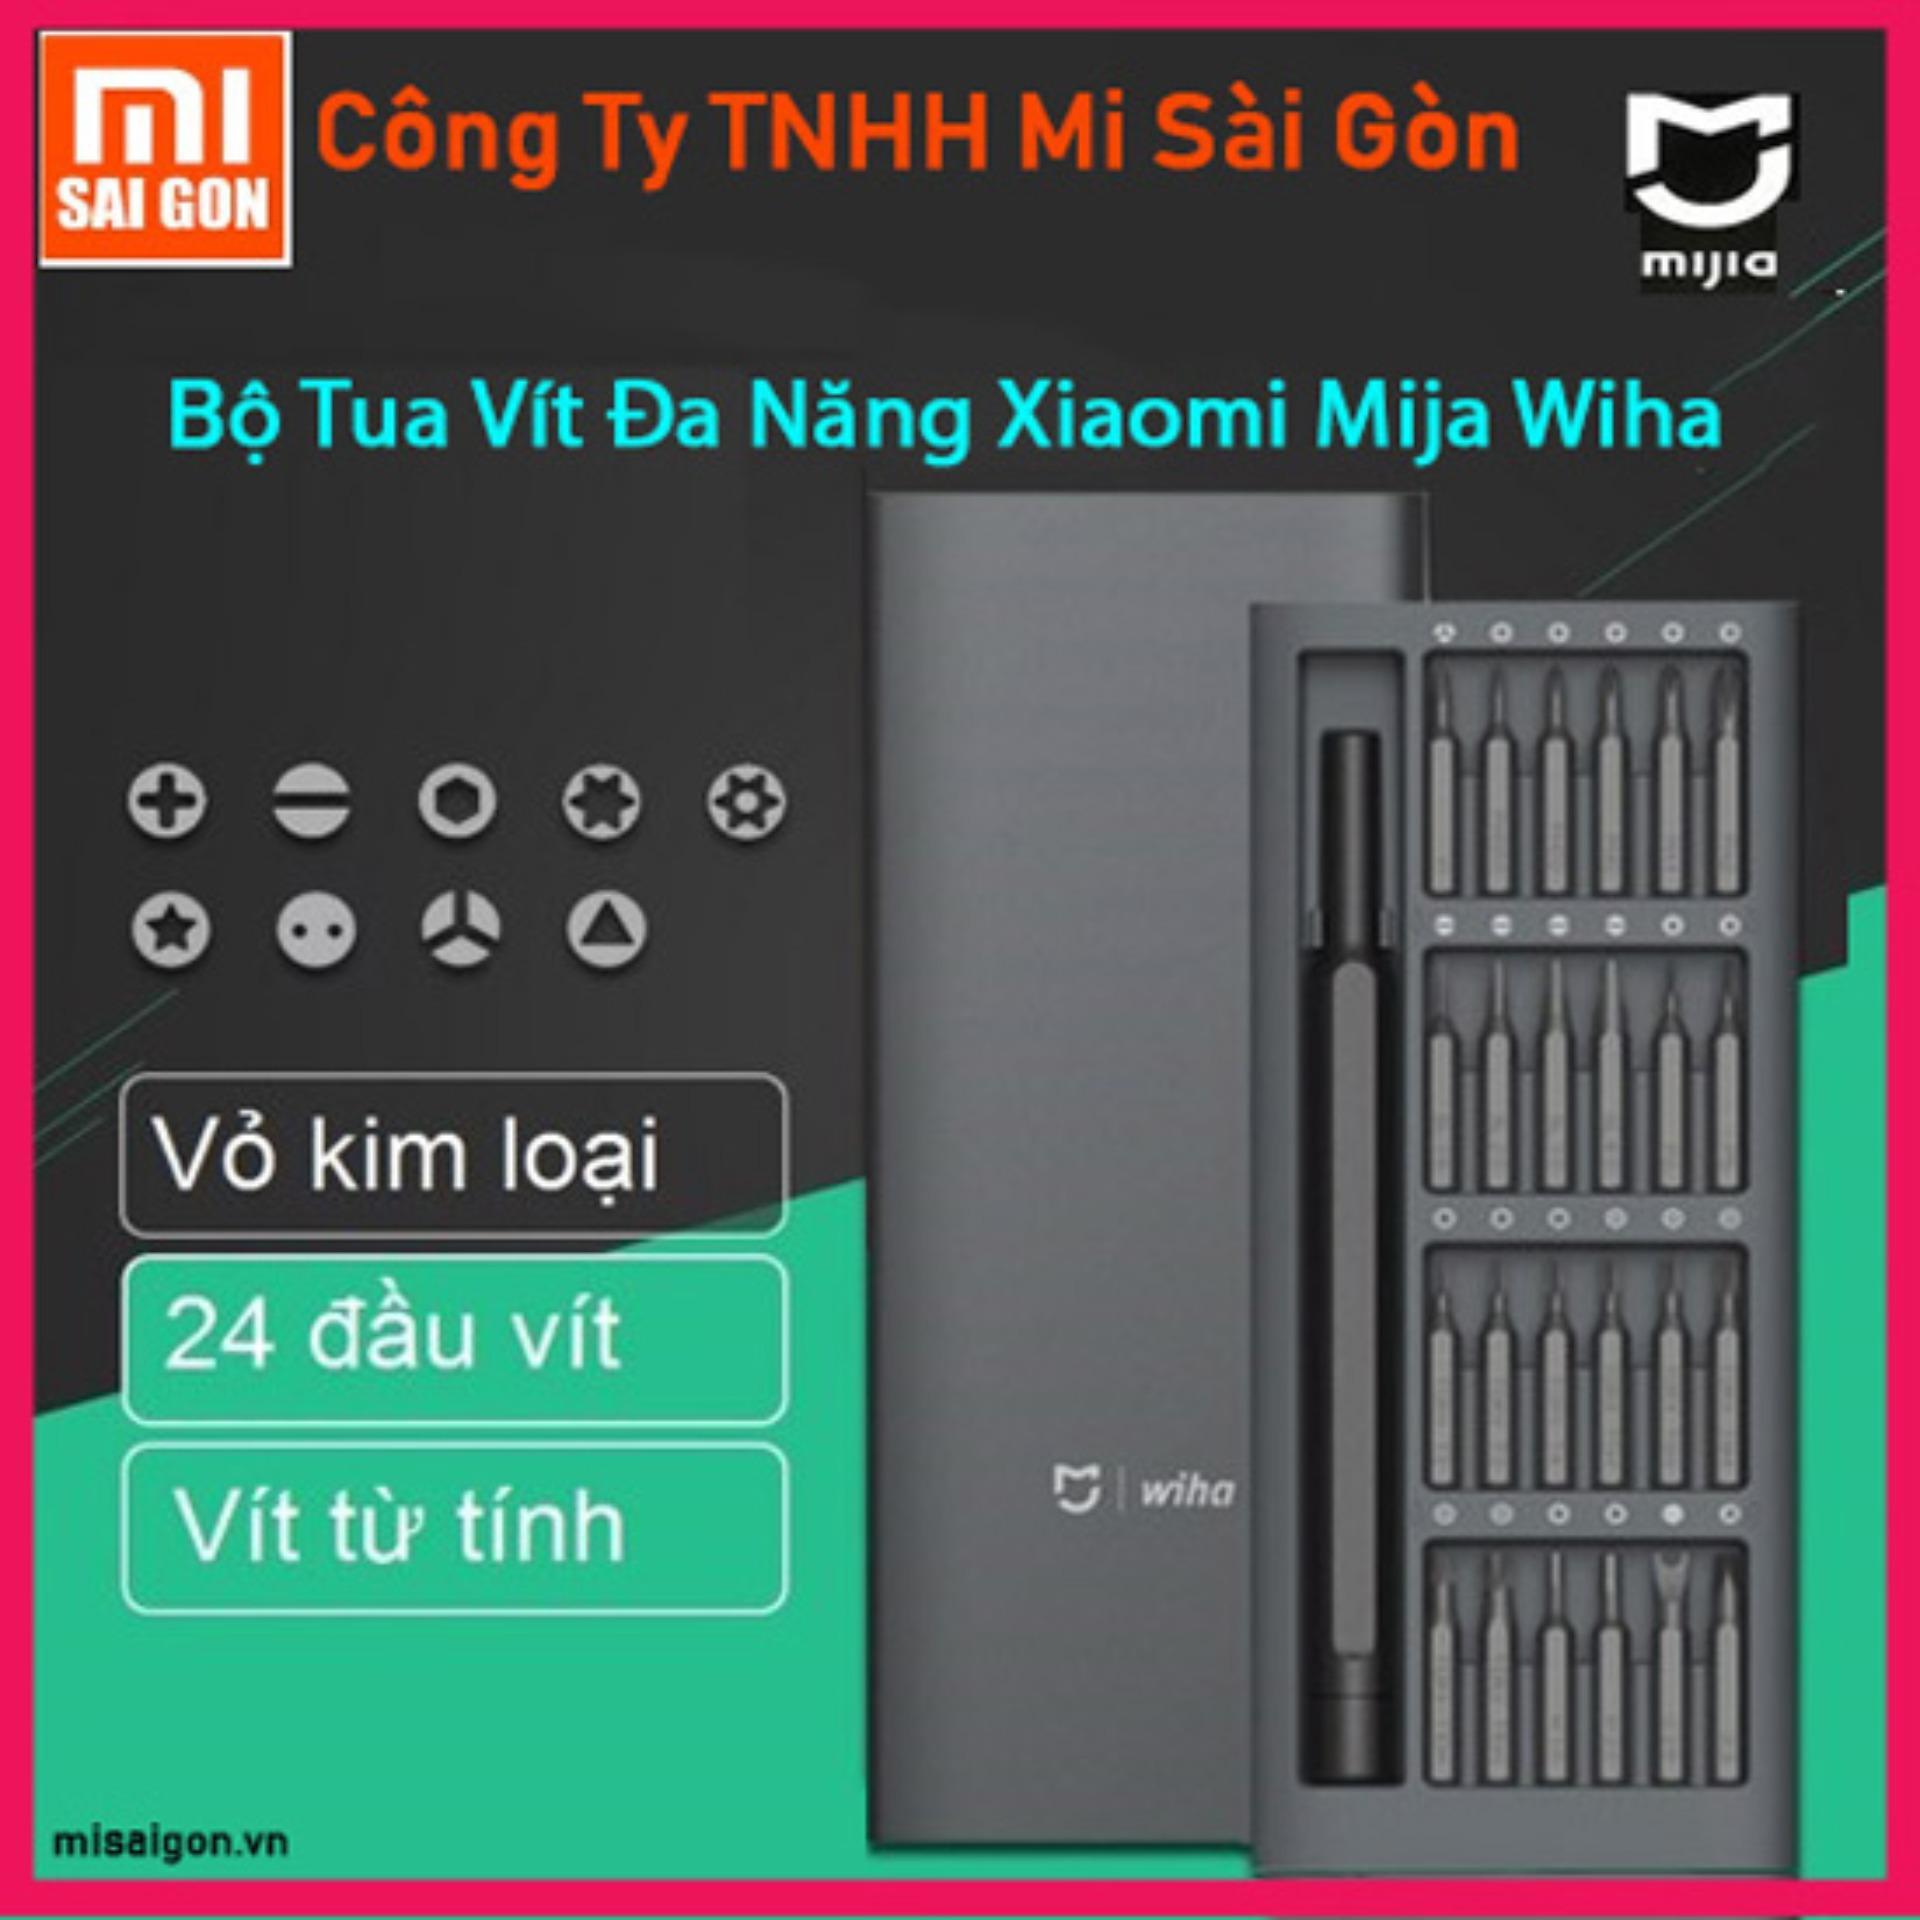 Hình ảnh bộ tua vít bỏ túi đa năng Xiaomi Mijia Wiha (Có nam châm hít)